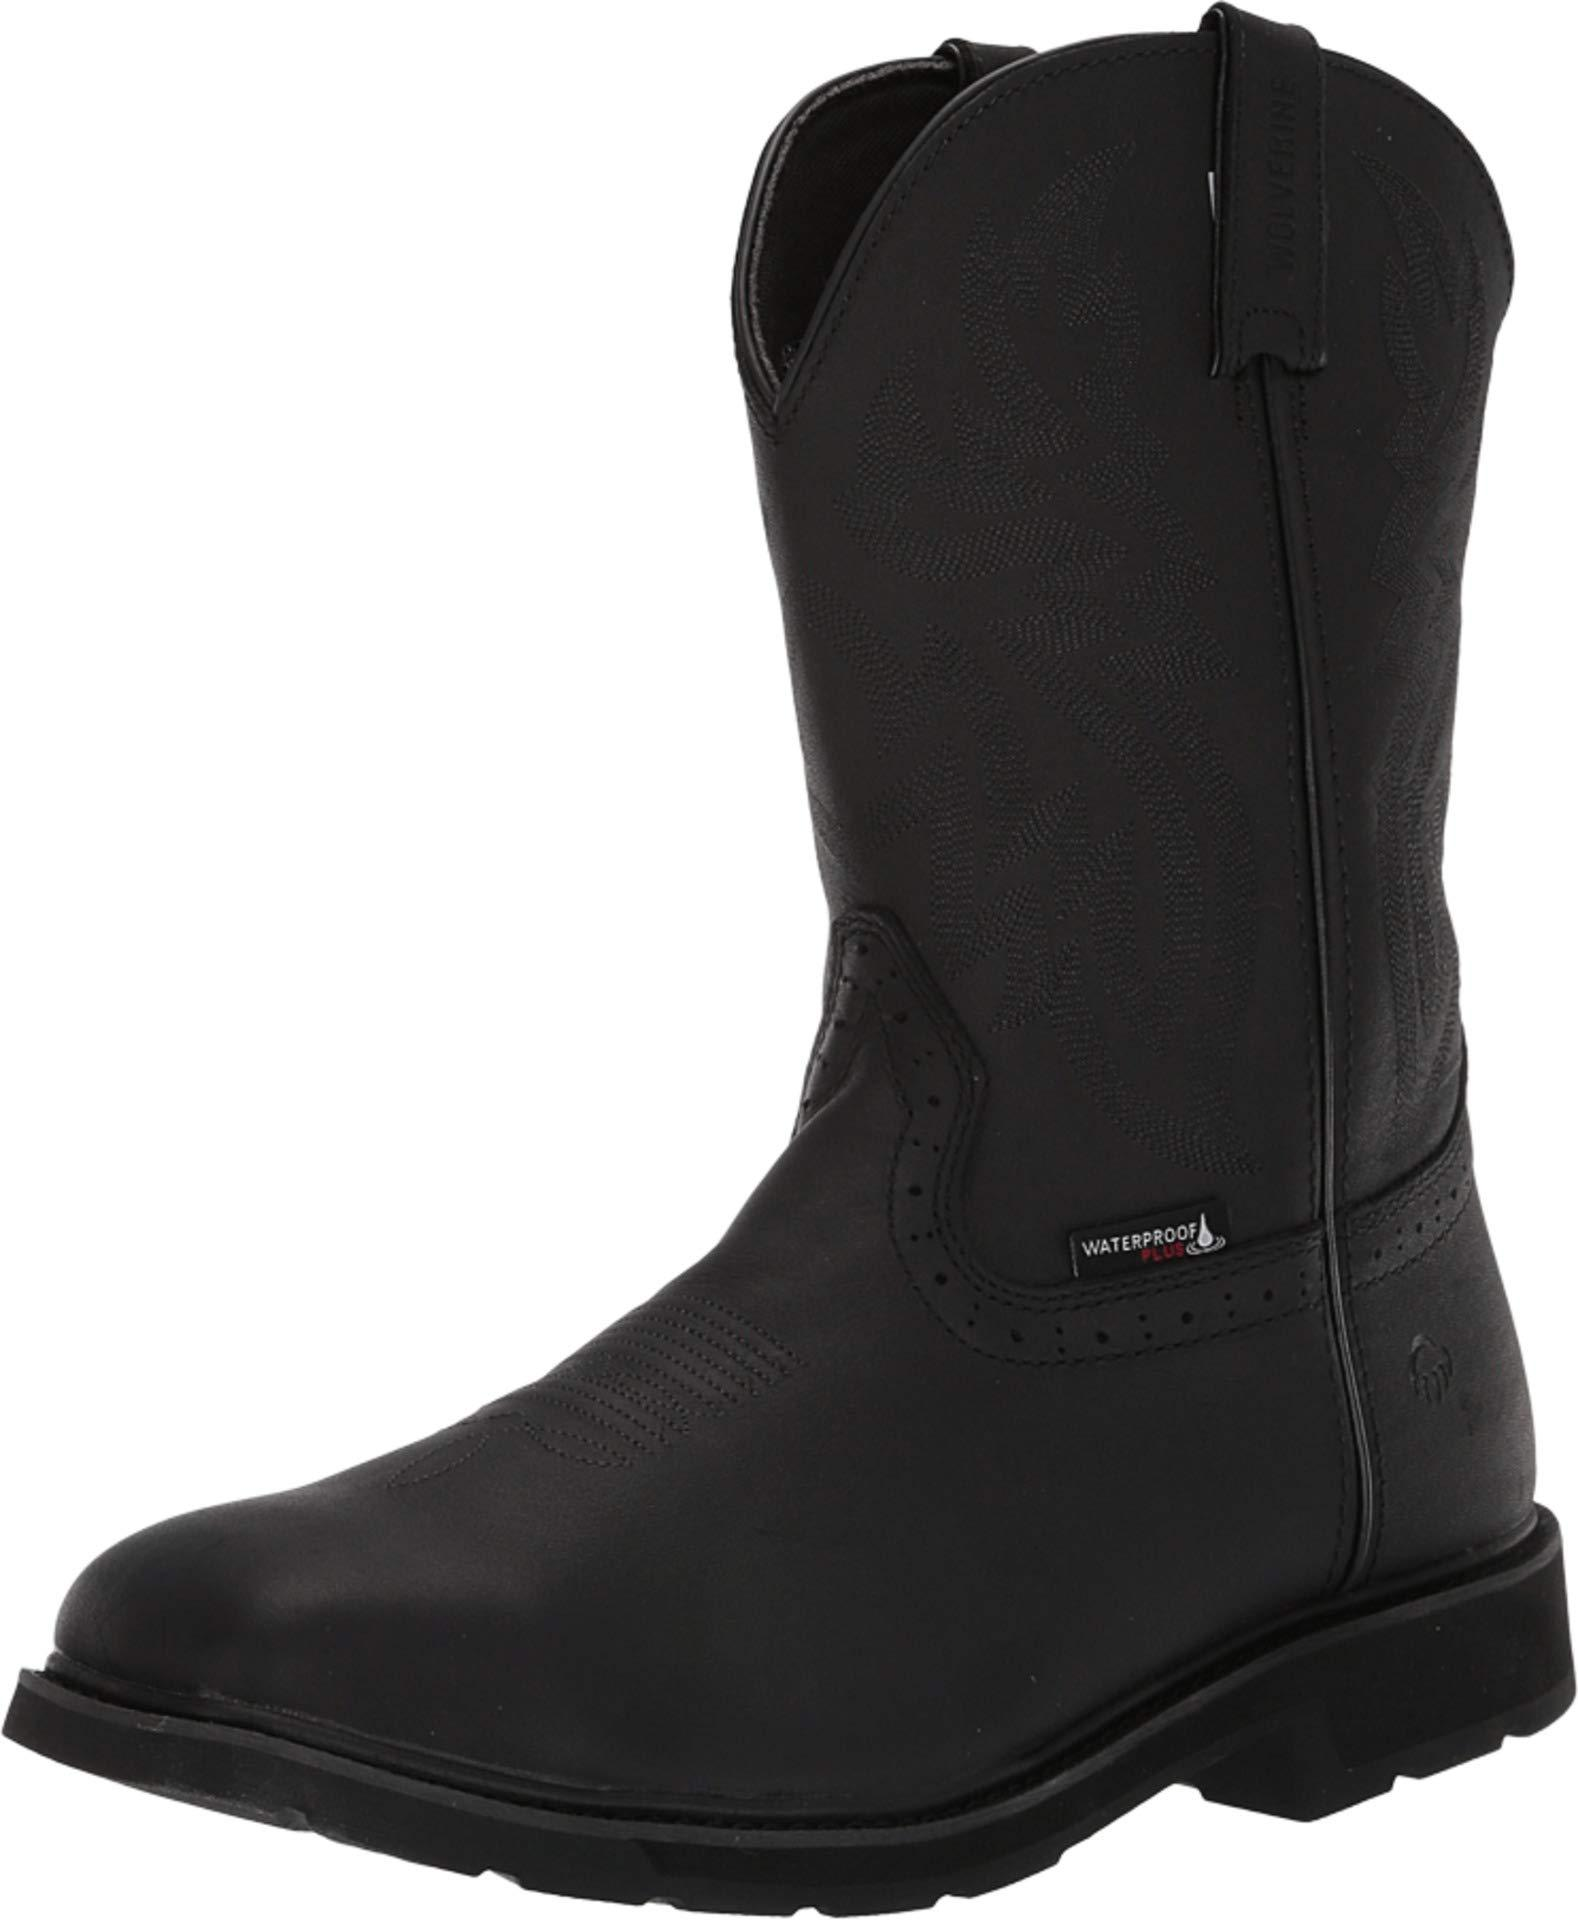 fd177d0ff36 Men's Black Rancher Steel Toe Waterproof